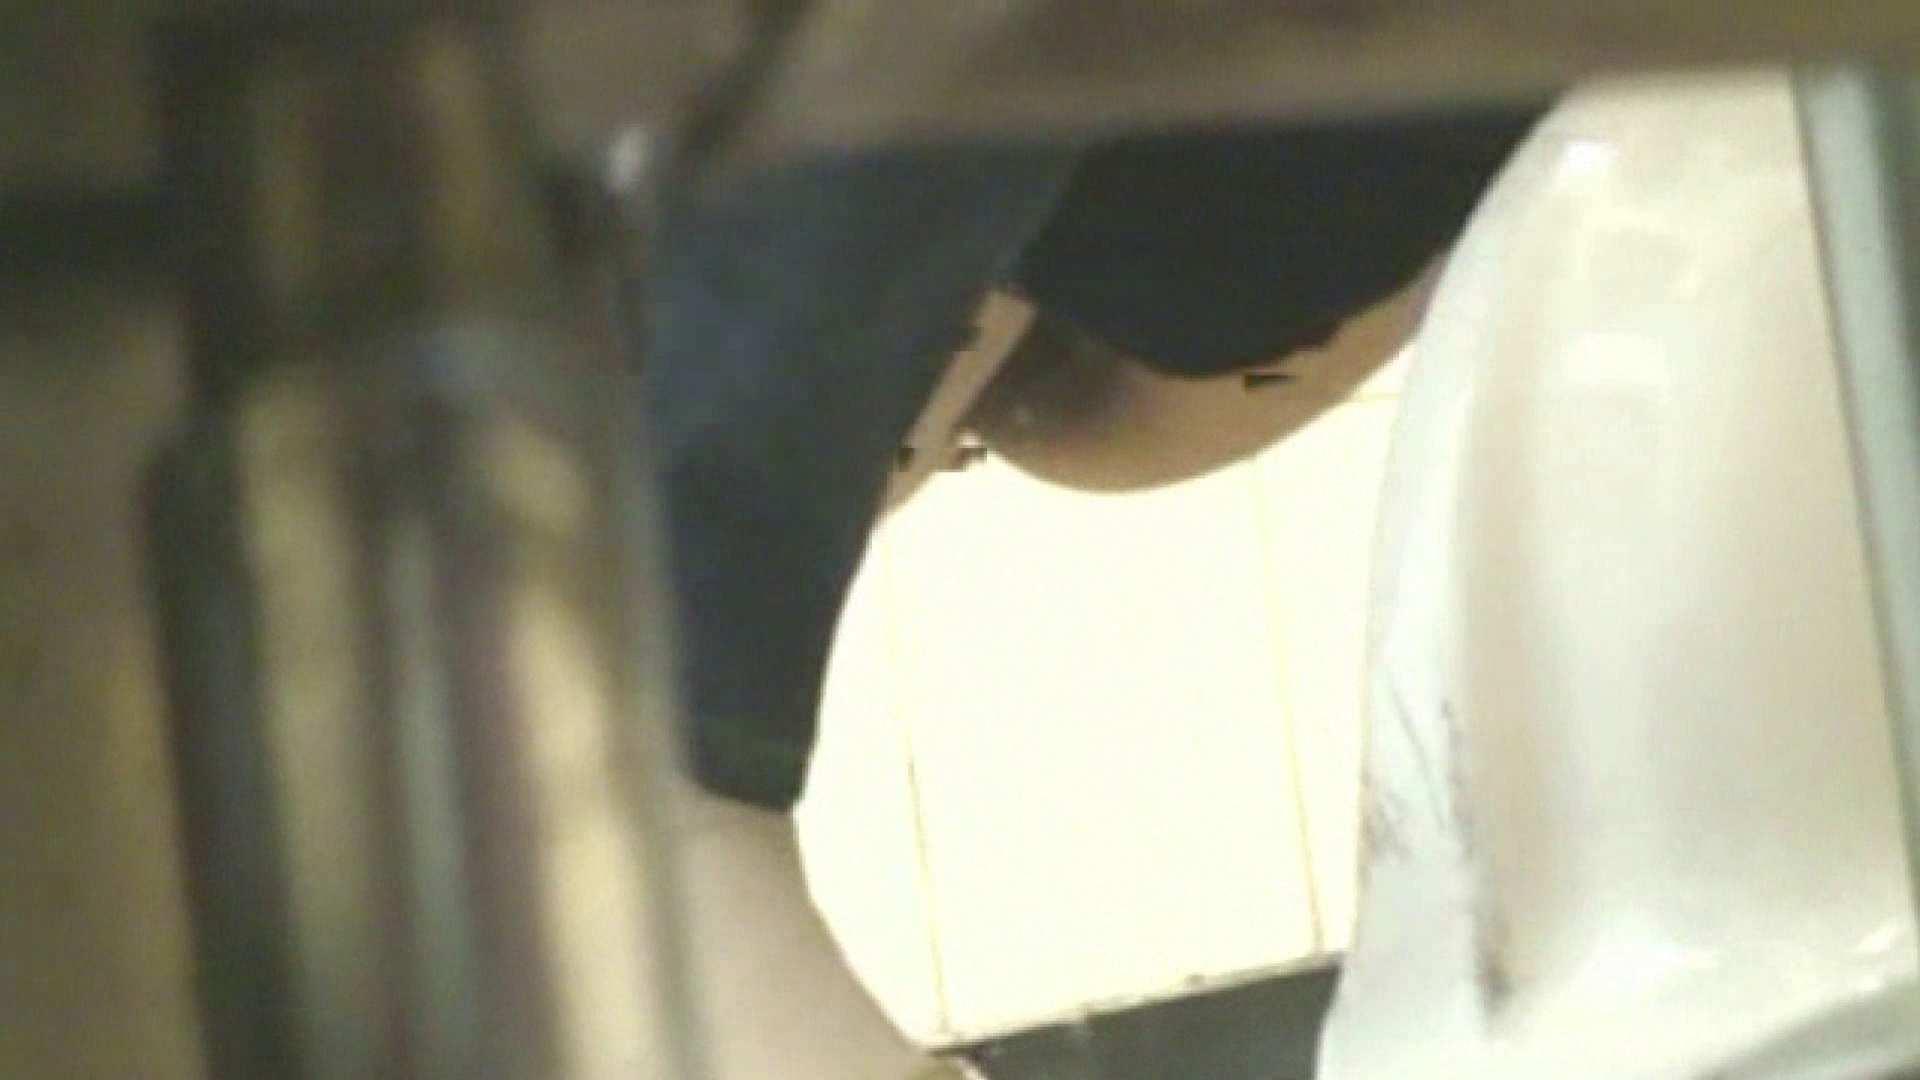 ロックハンドさんの盗撮記録File.48 潜入突撃 AV無料動画キャプチャ 101pic 91